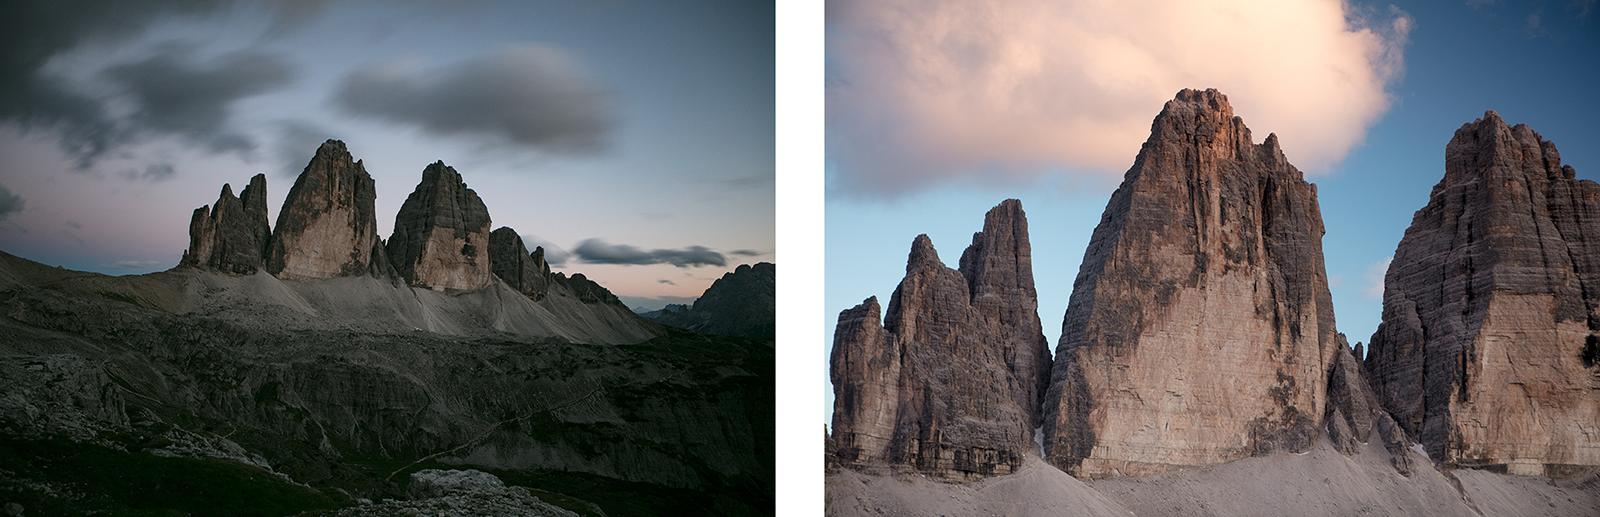 Tre cime di Lavaredo blog voyage